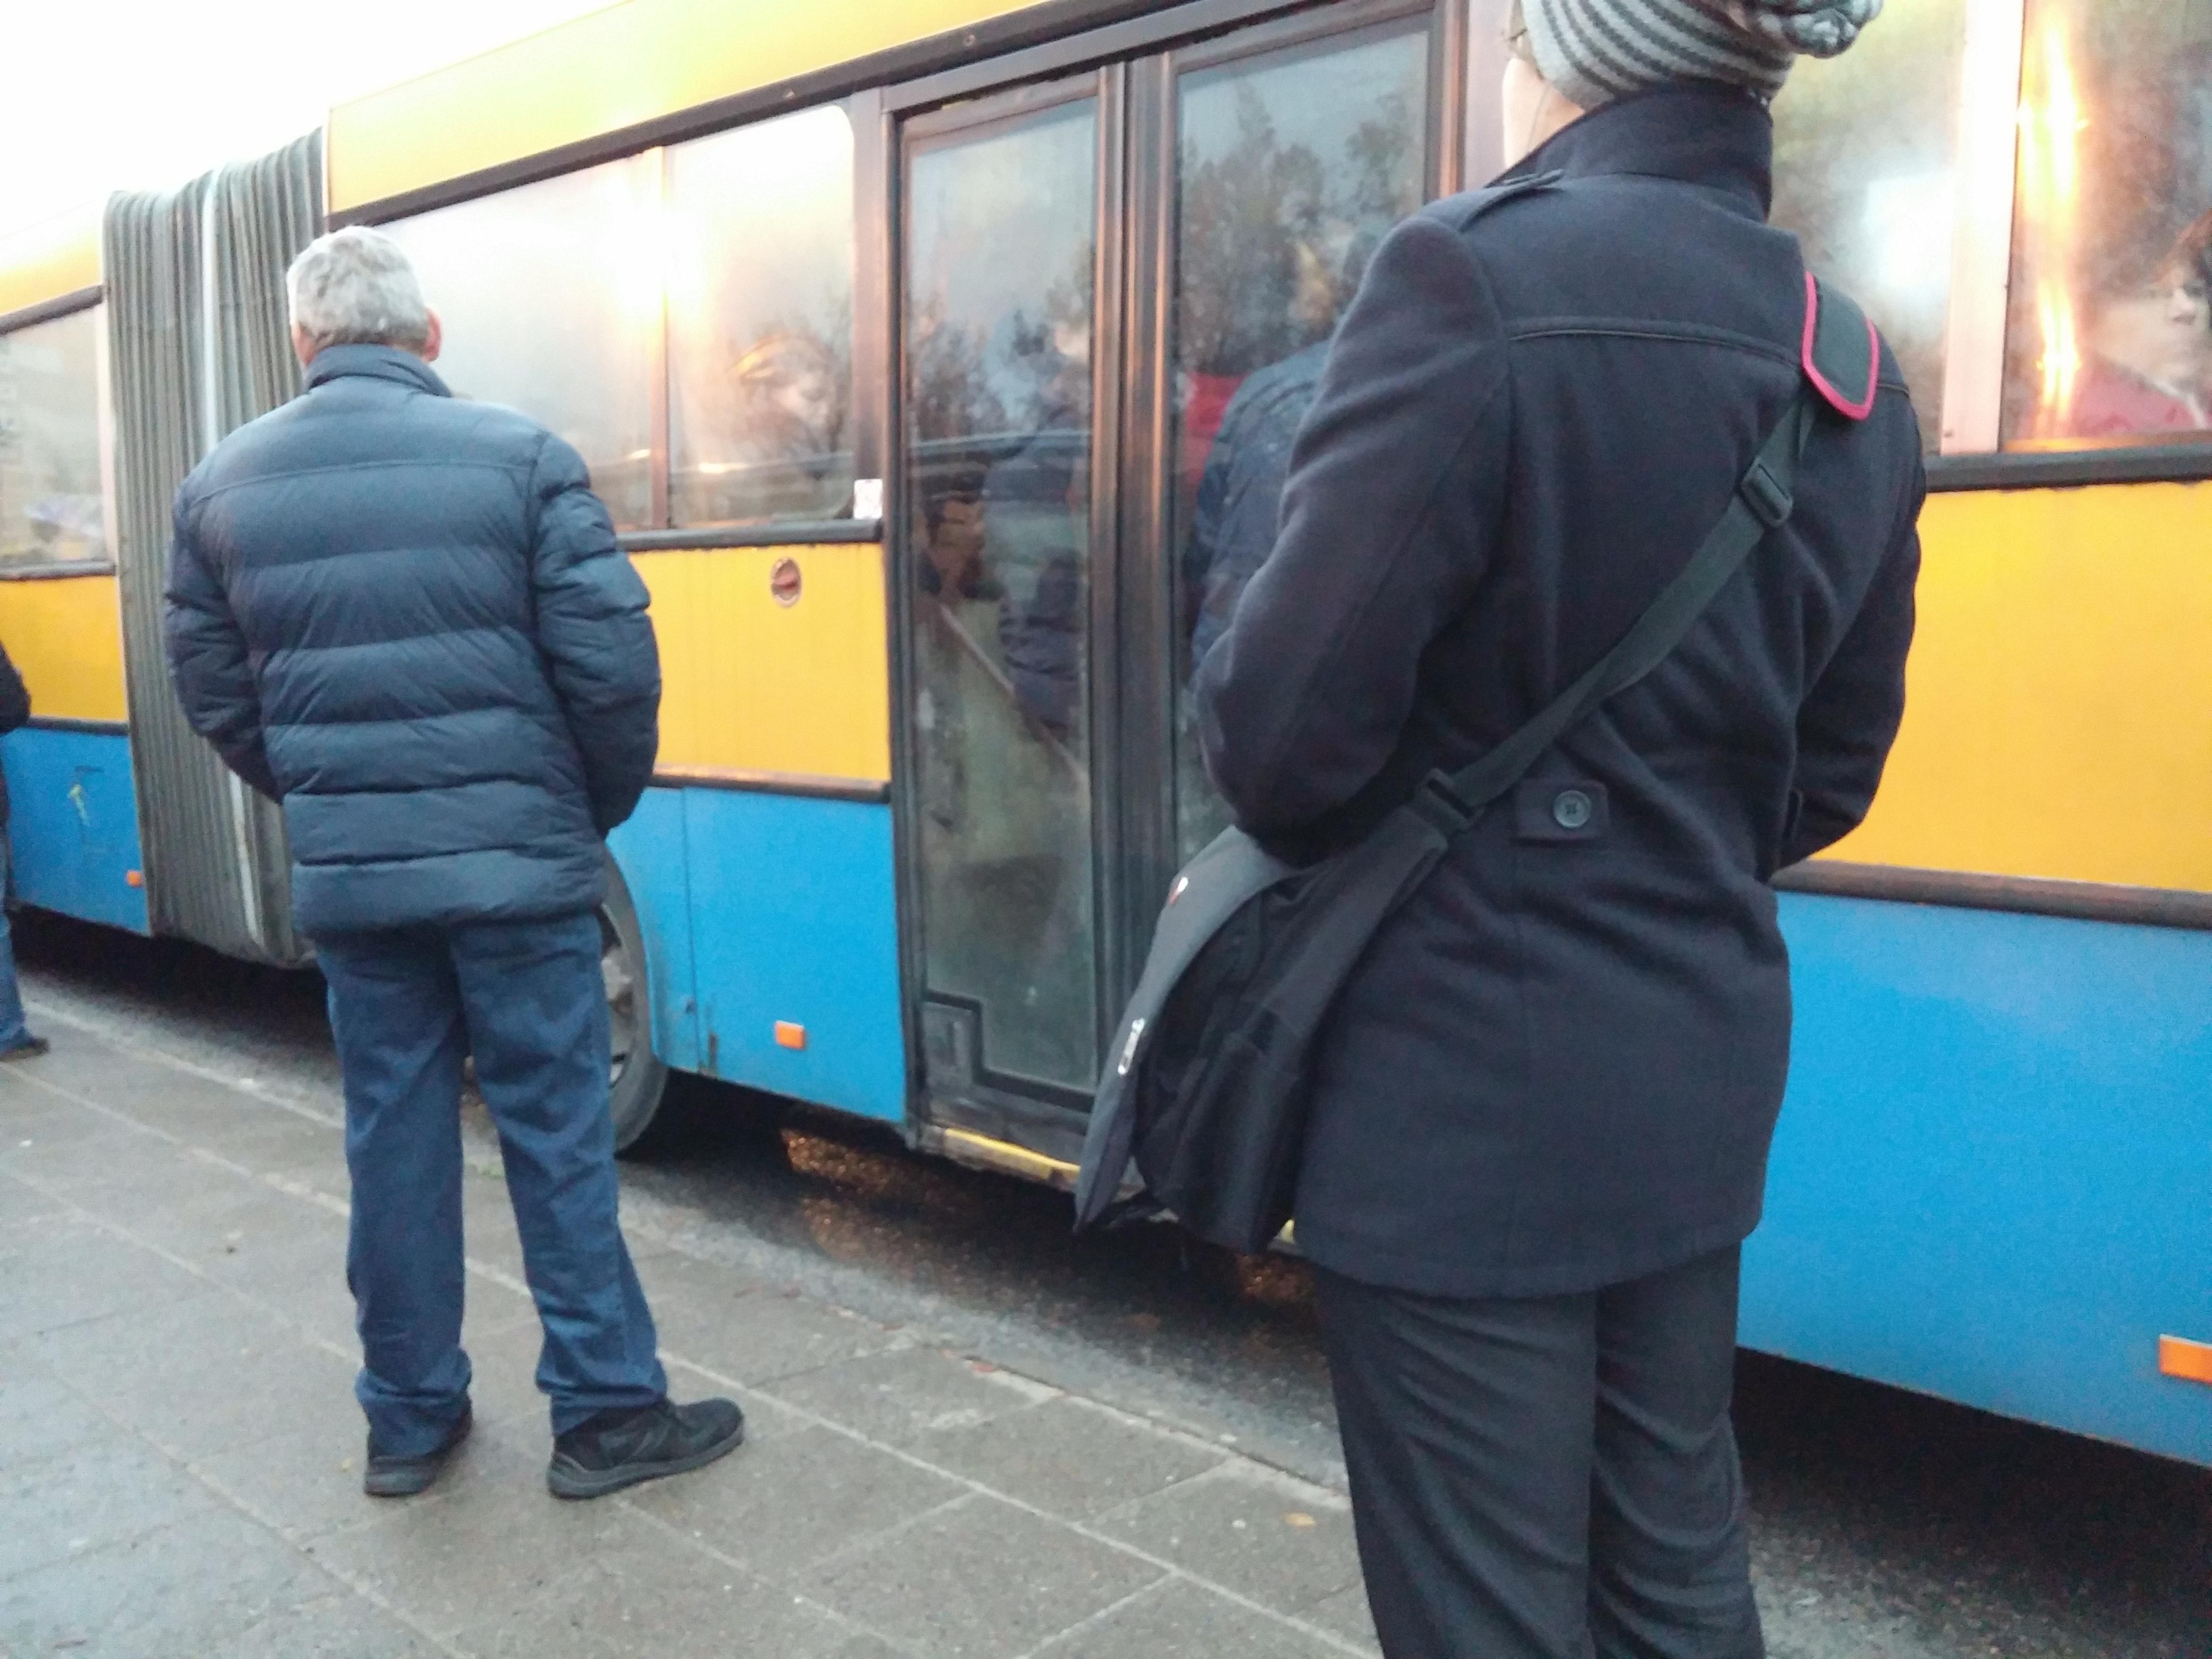 Čia maždaug tokio pilnumo tie autobusai būna